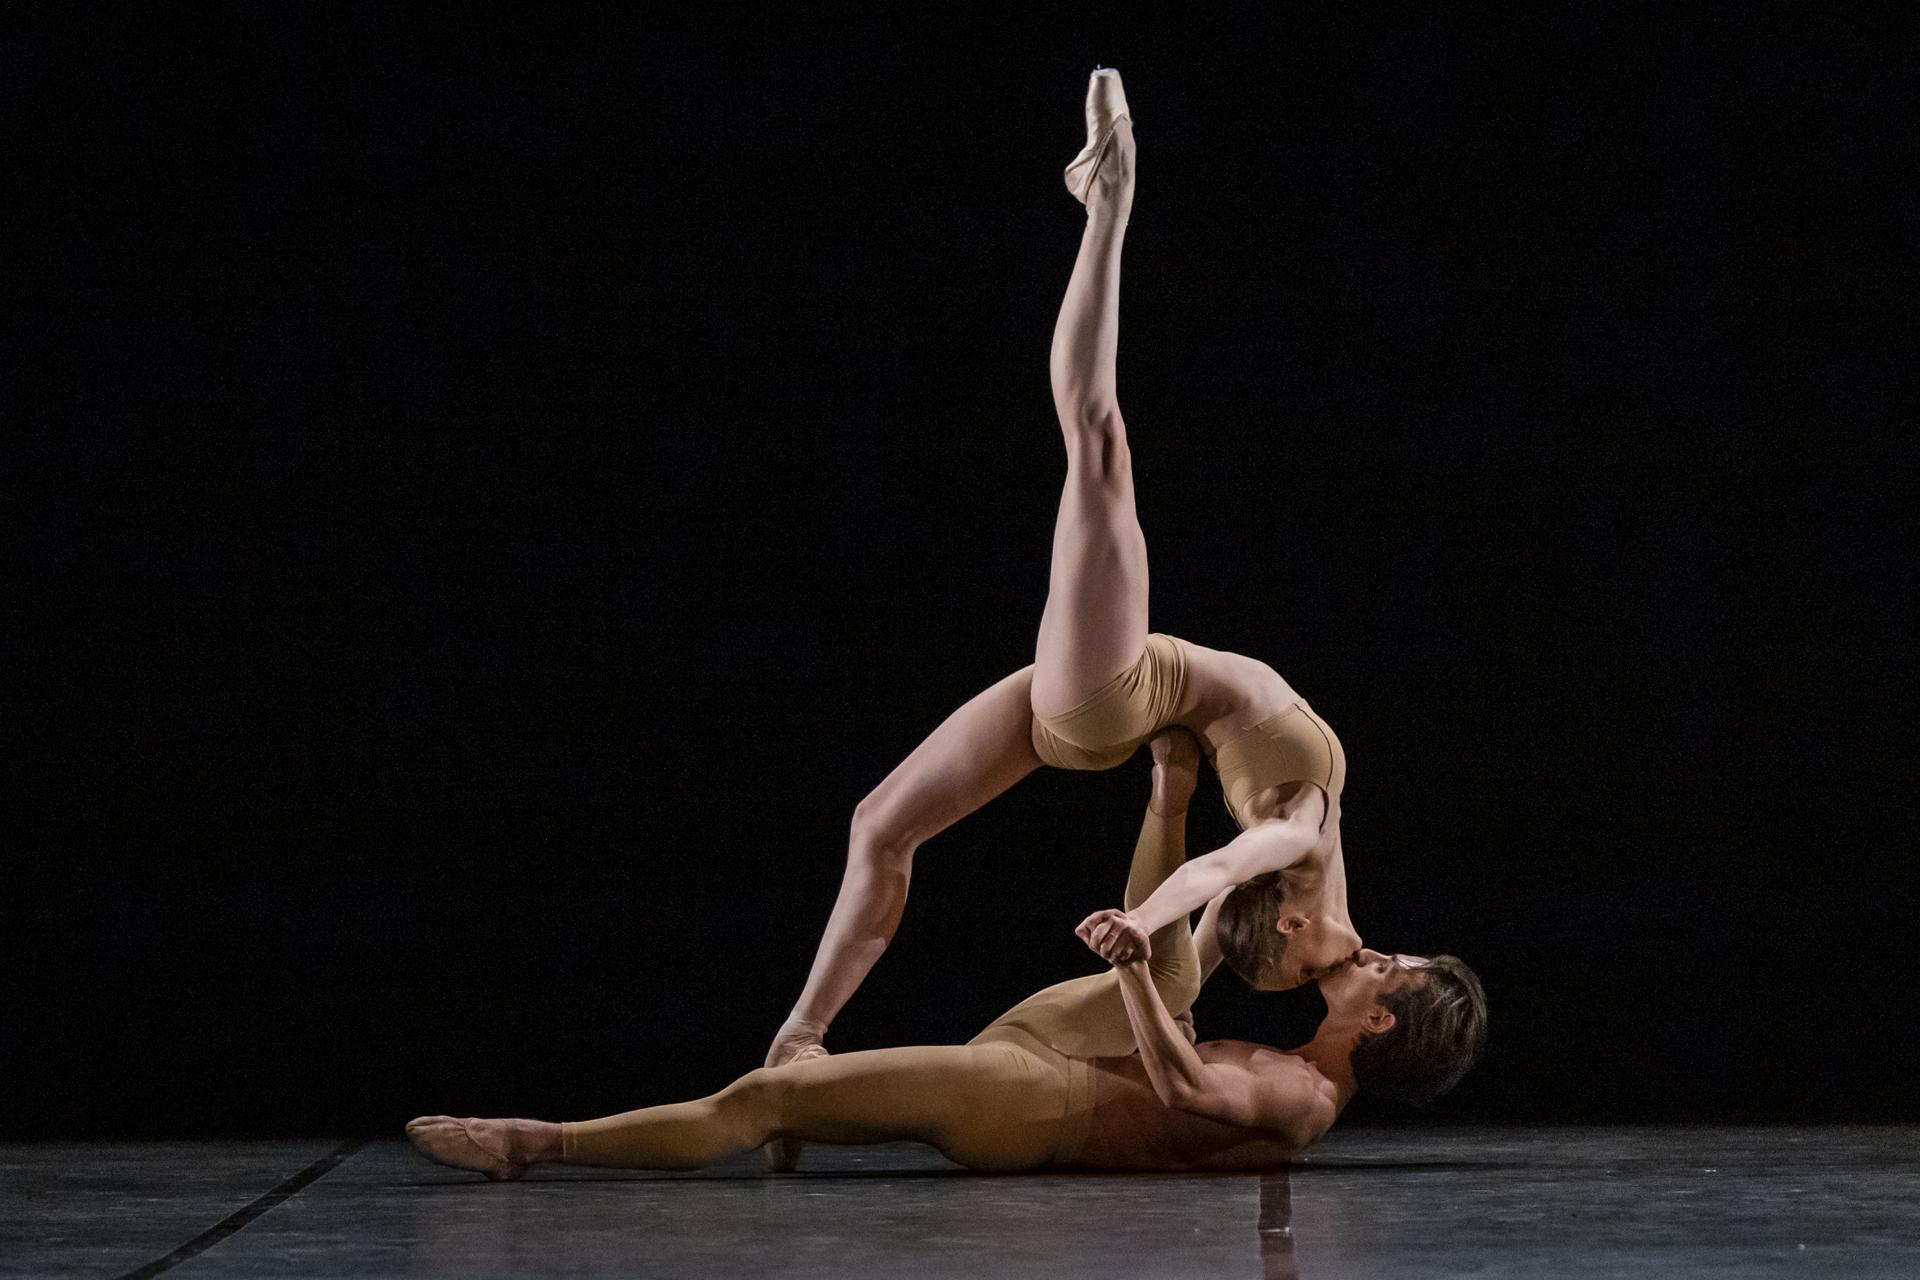 2019_06_16-Paris-de-la-Danse-©-Luca-Vantusso-195909-EOSR0580